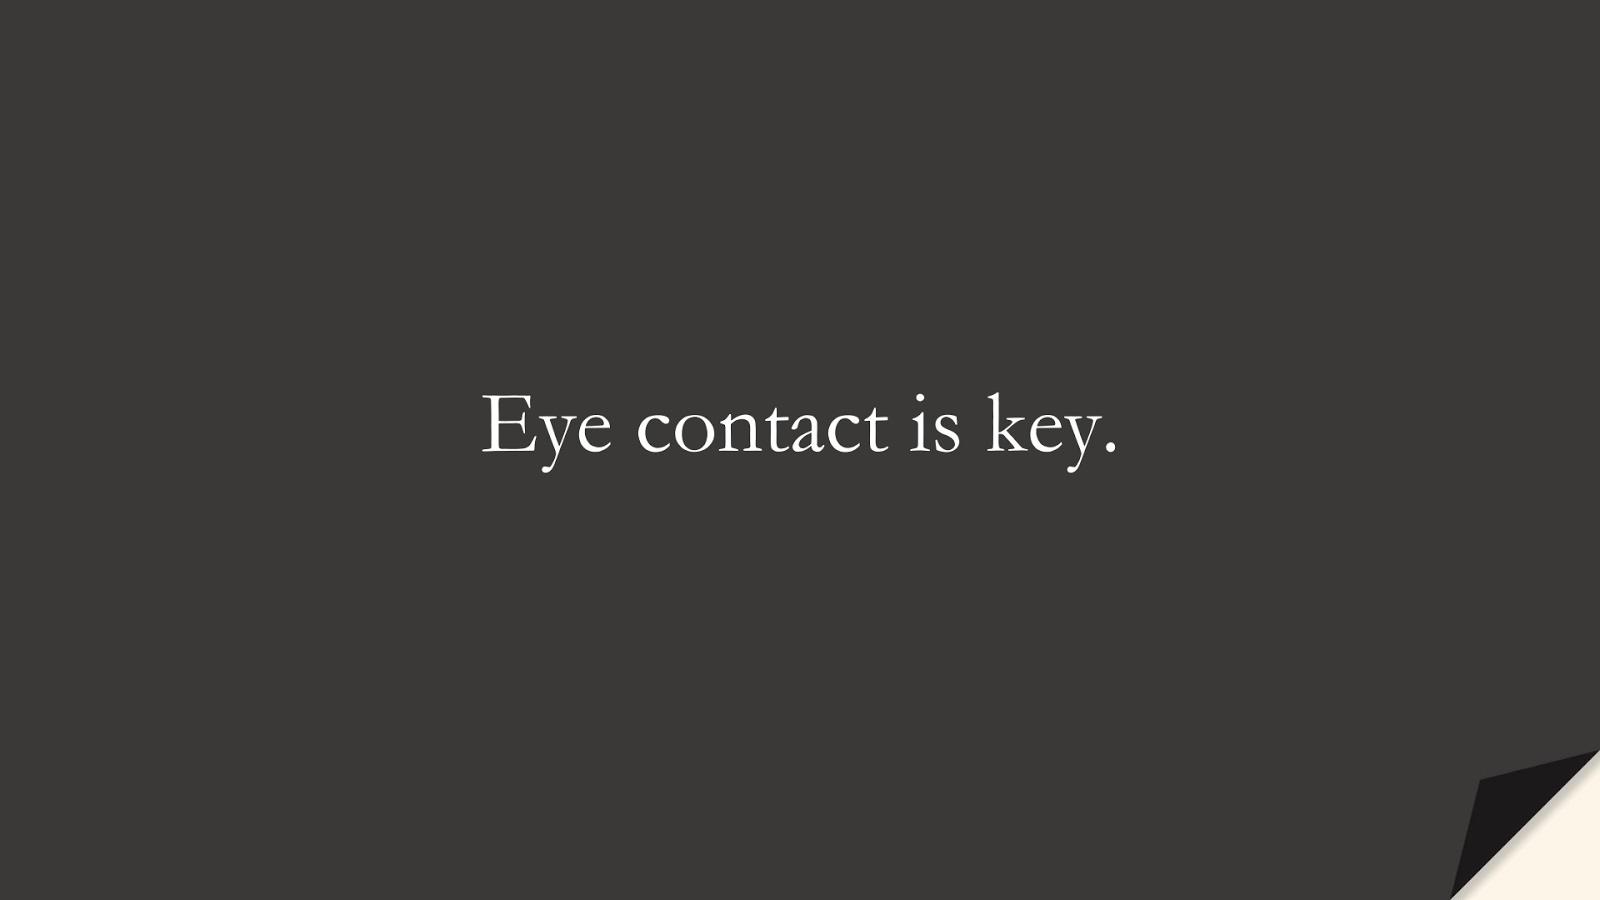 Eye contact is key.FALSE